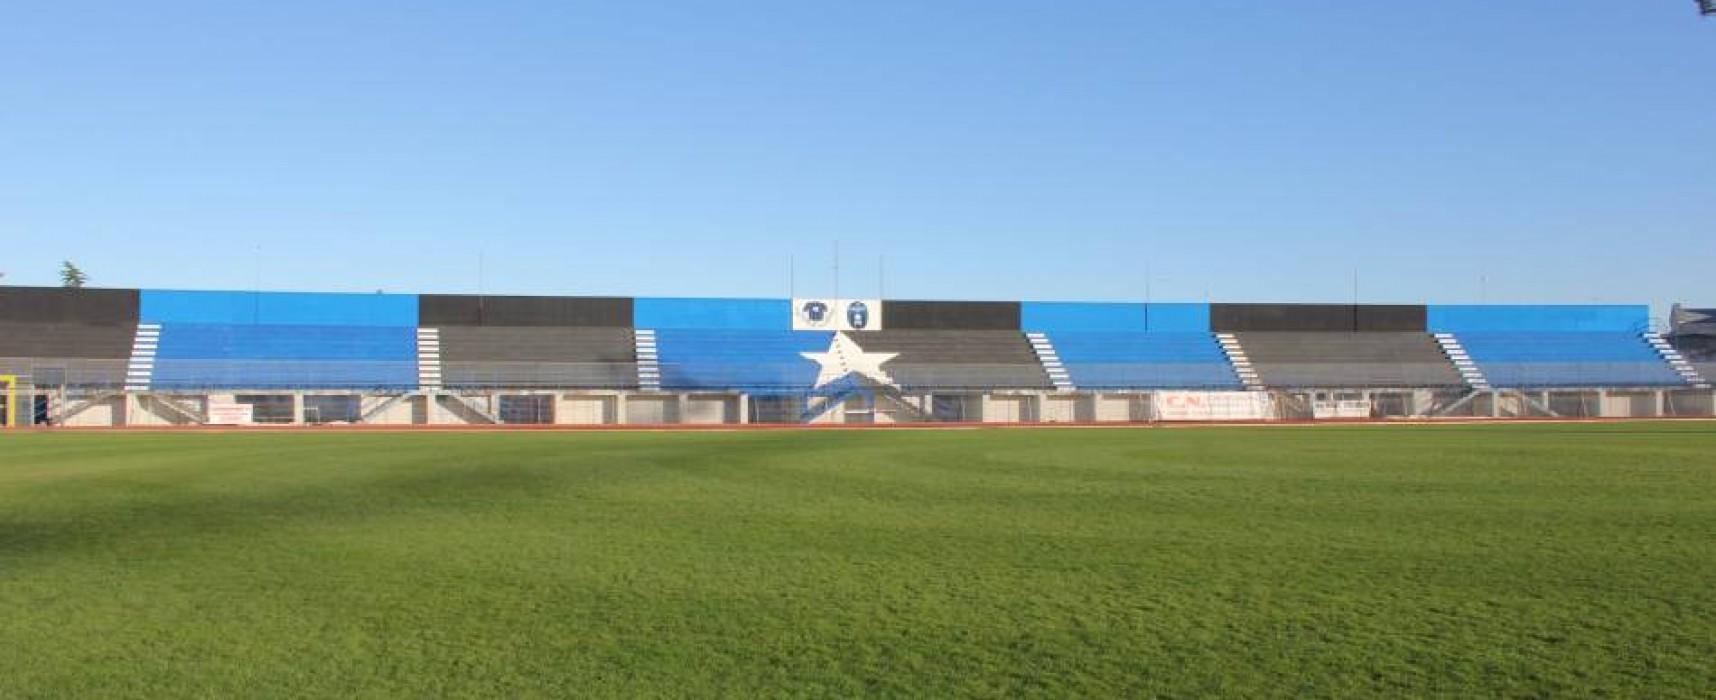 Bisceglie-Taranto: reclamo degli ionici per la posizione irregolare di un calciatore stellato